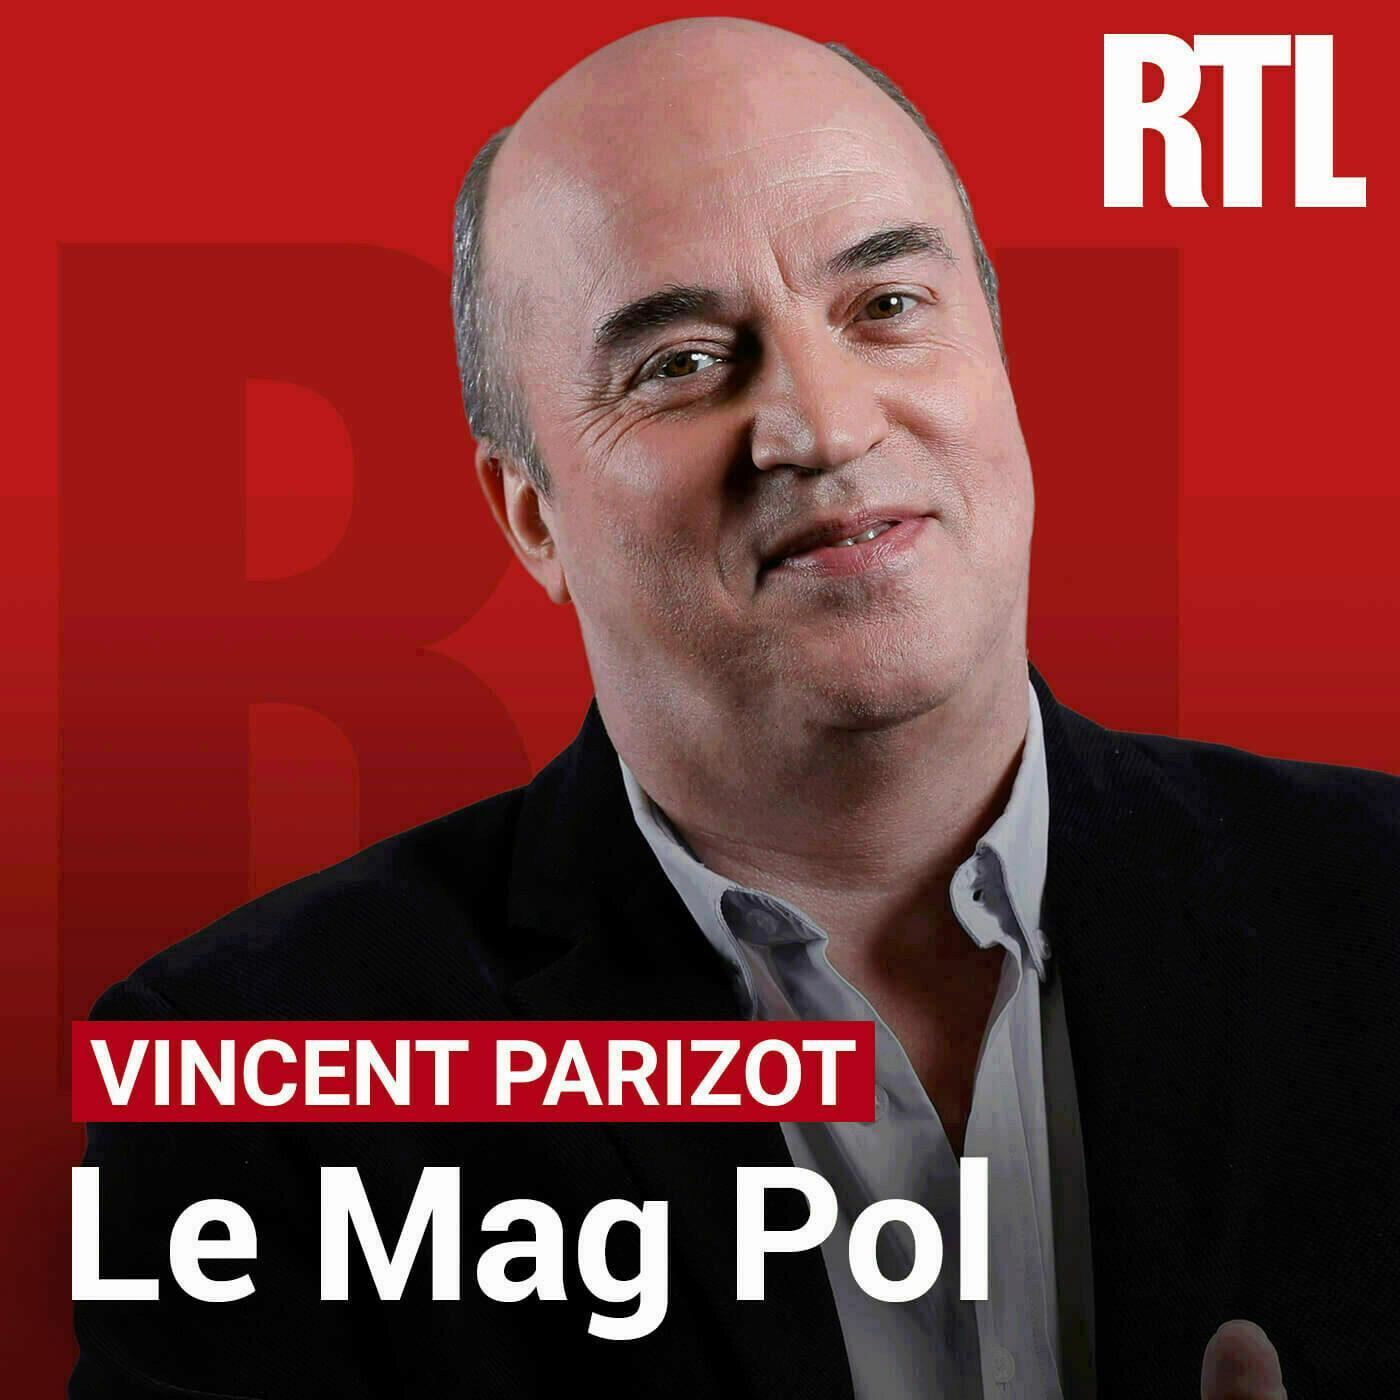 Image 1: Le Mag Pol